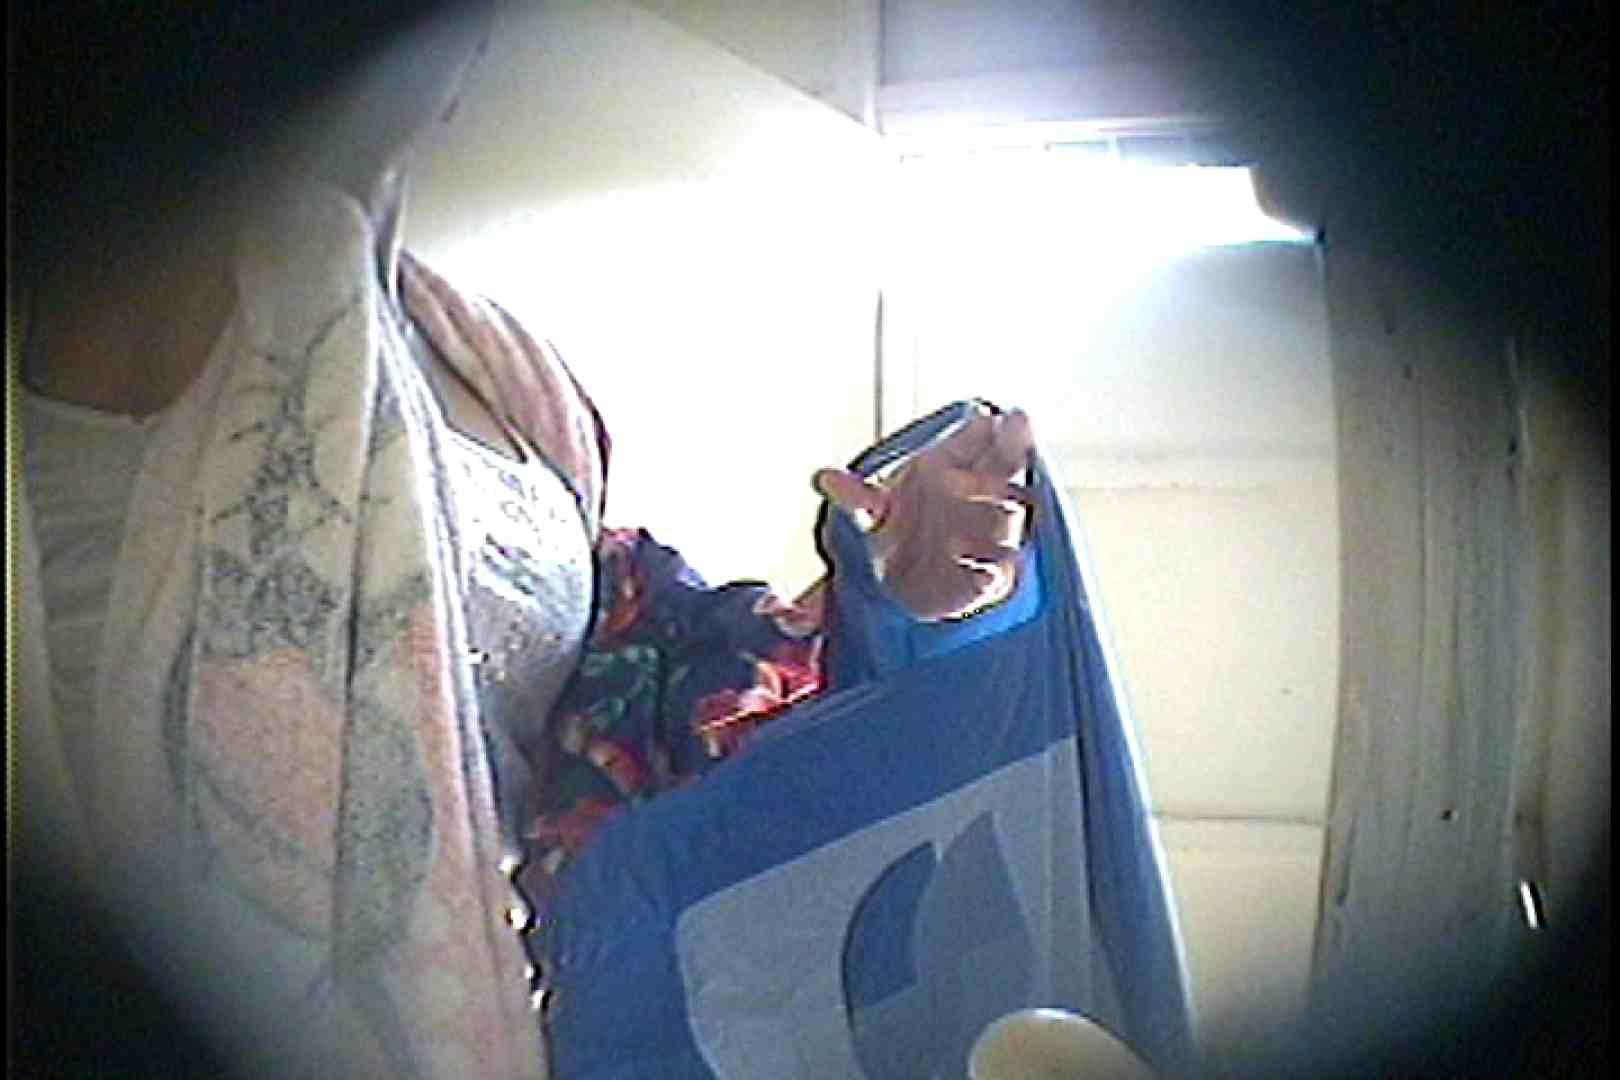 海の家の更衣室 Vol.26 シャワー オマンコ無修正動画無料 88PIX 23